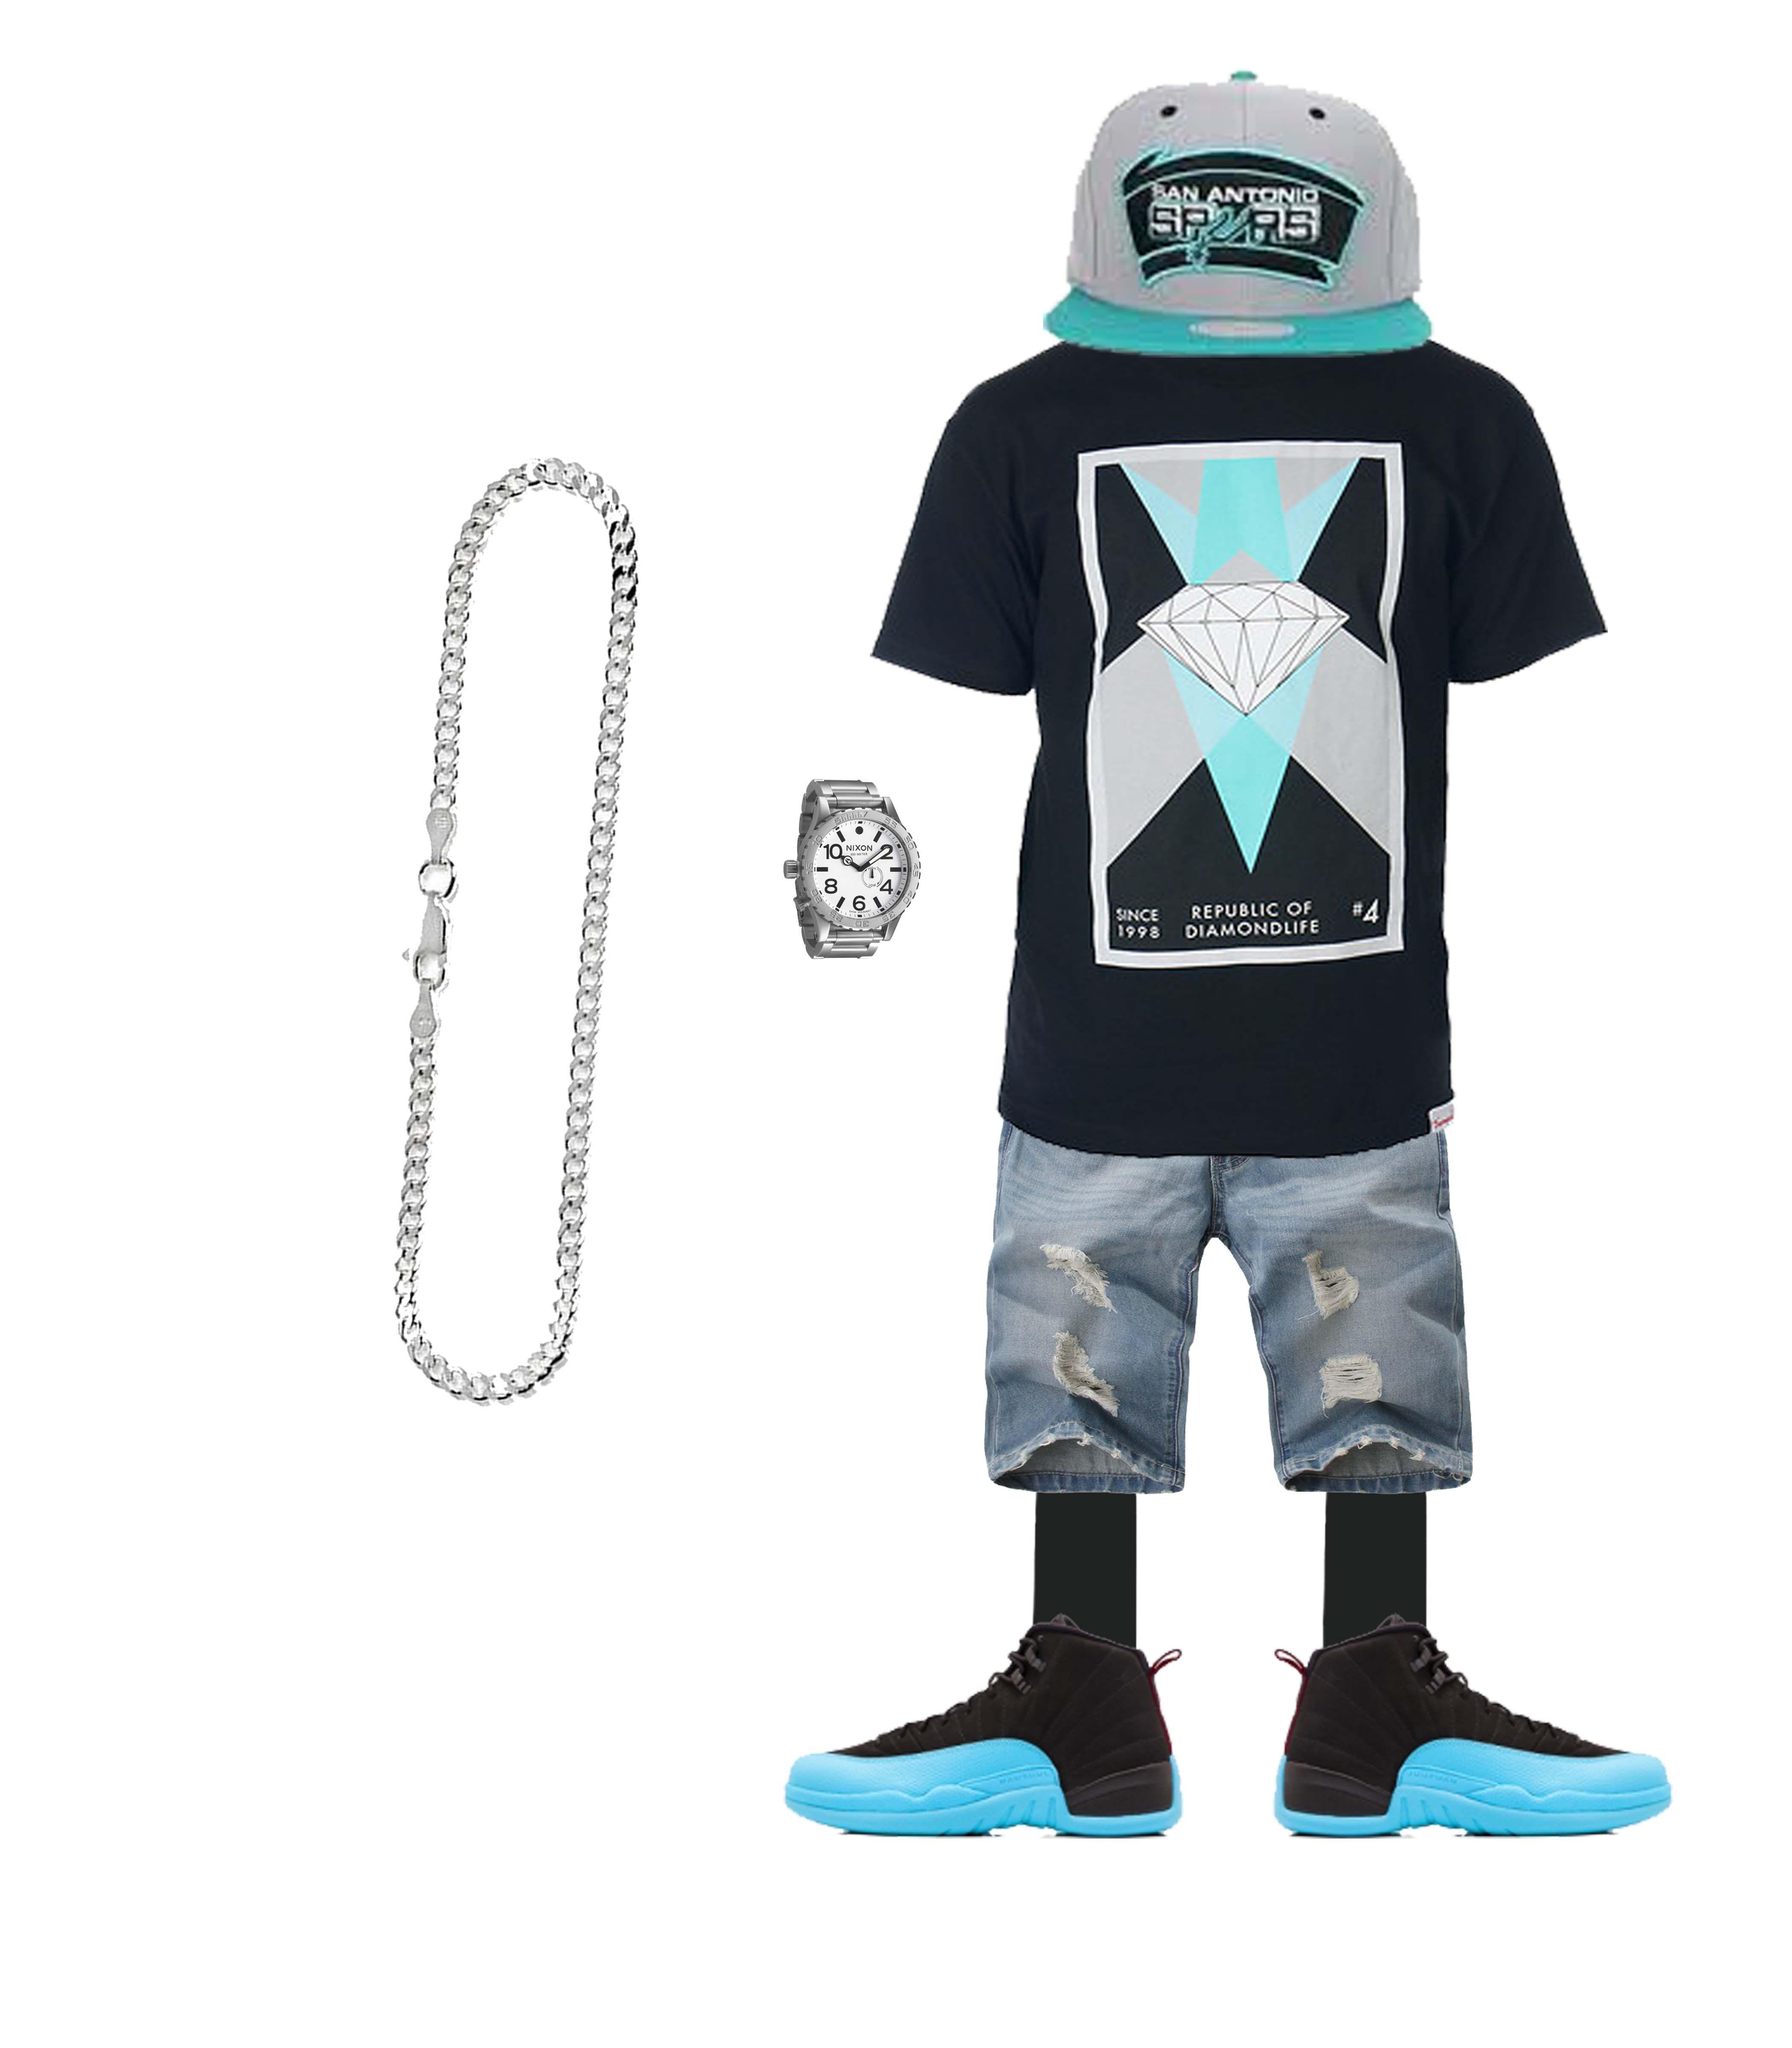 1c5ec9c465bf71 Jordan Gamma Blue Sweatshirts